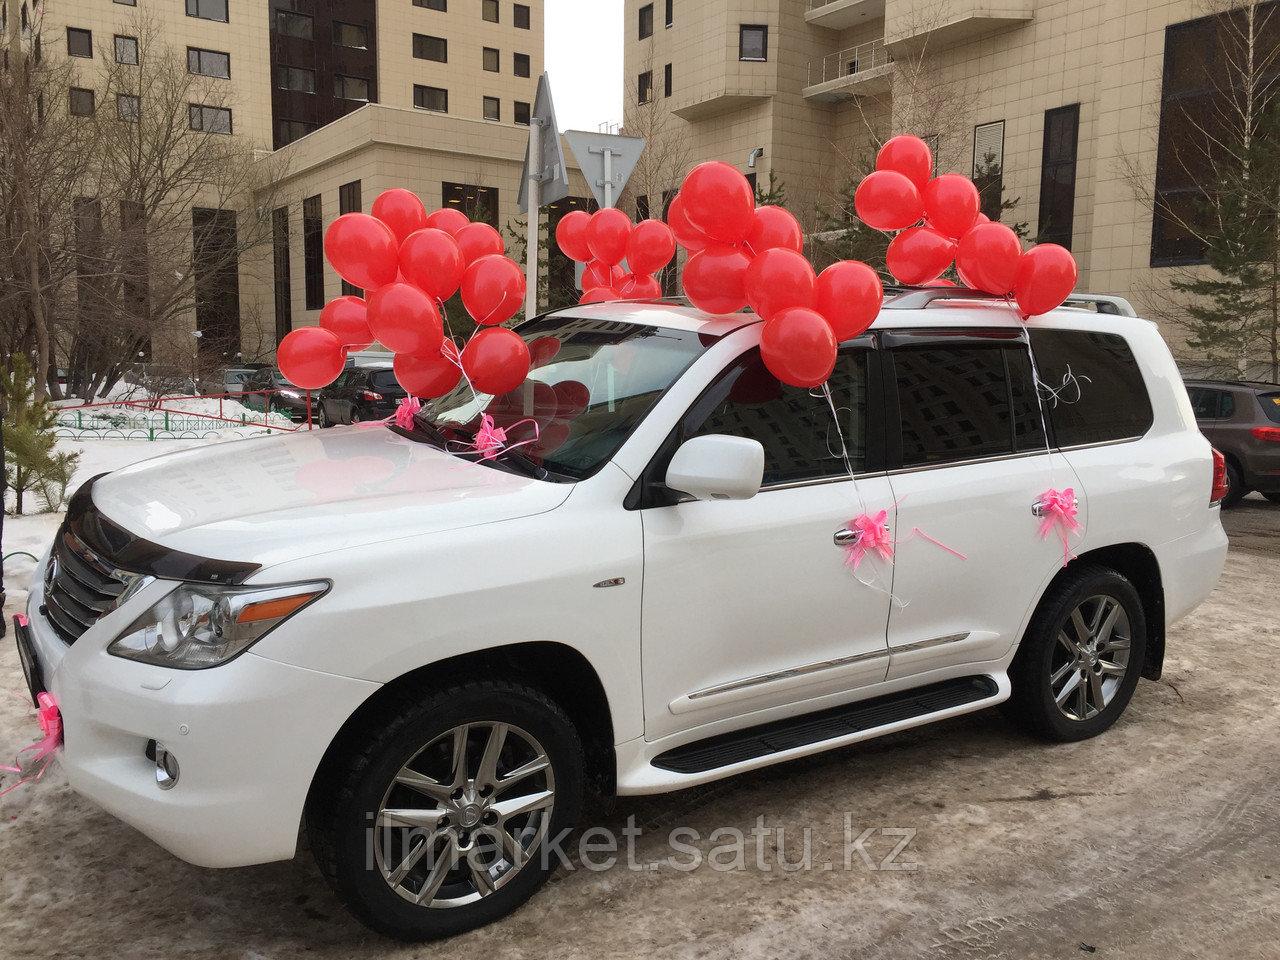 Оформление шарами и бантами машину ( 50 шаров + банты) - фото 2